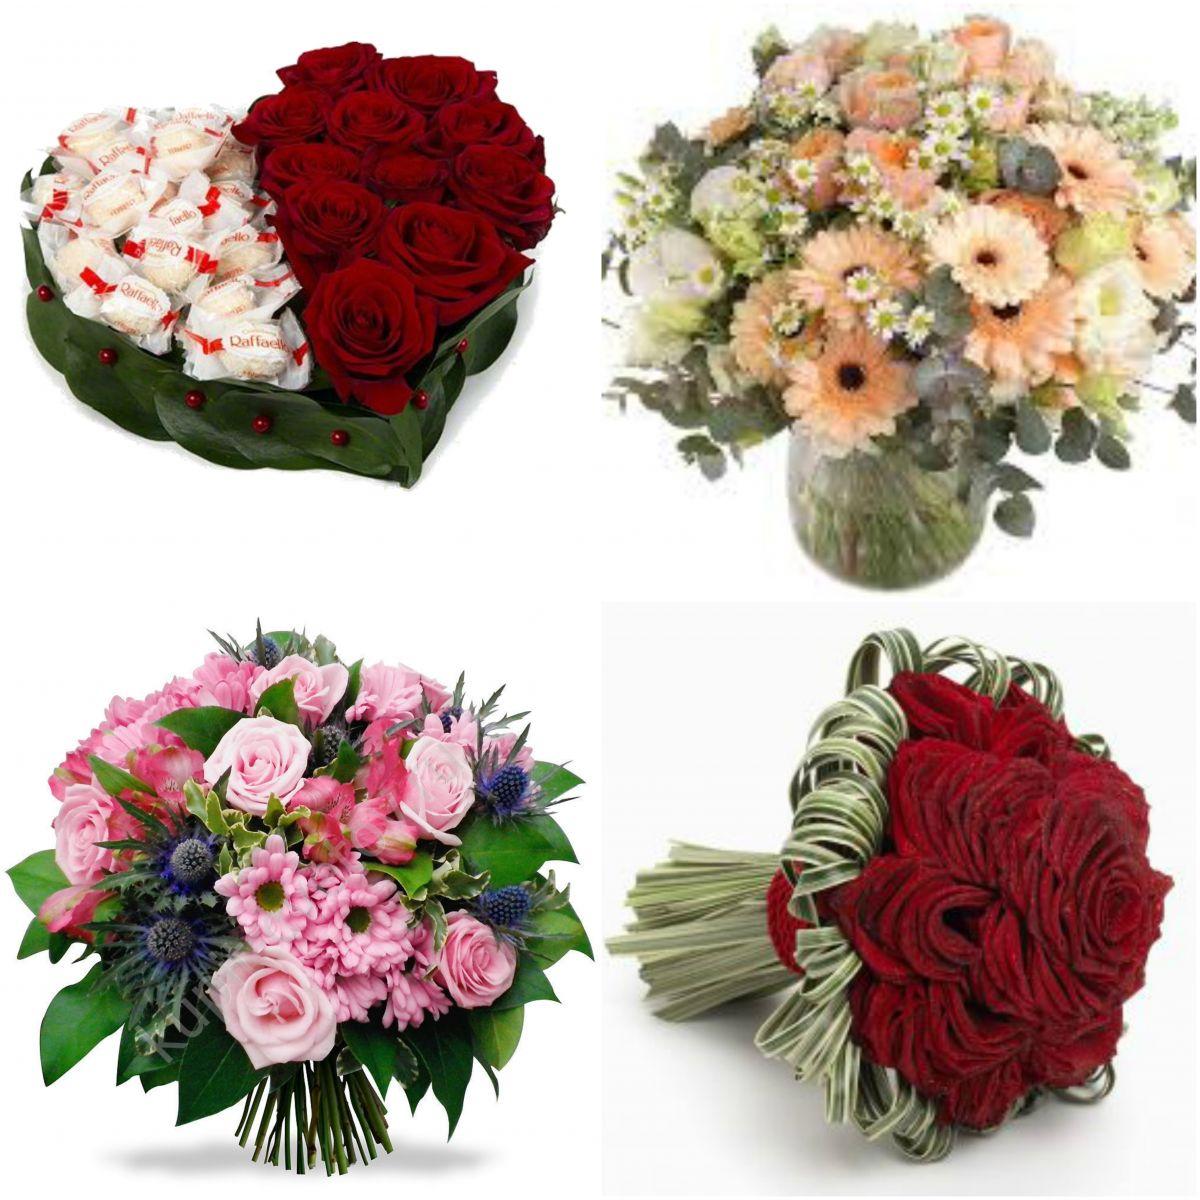 Организация службы доставки цветов одесса